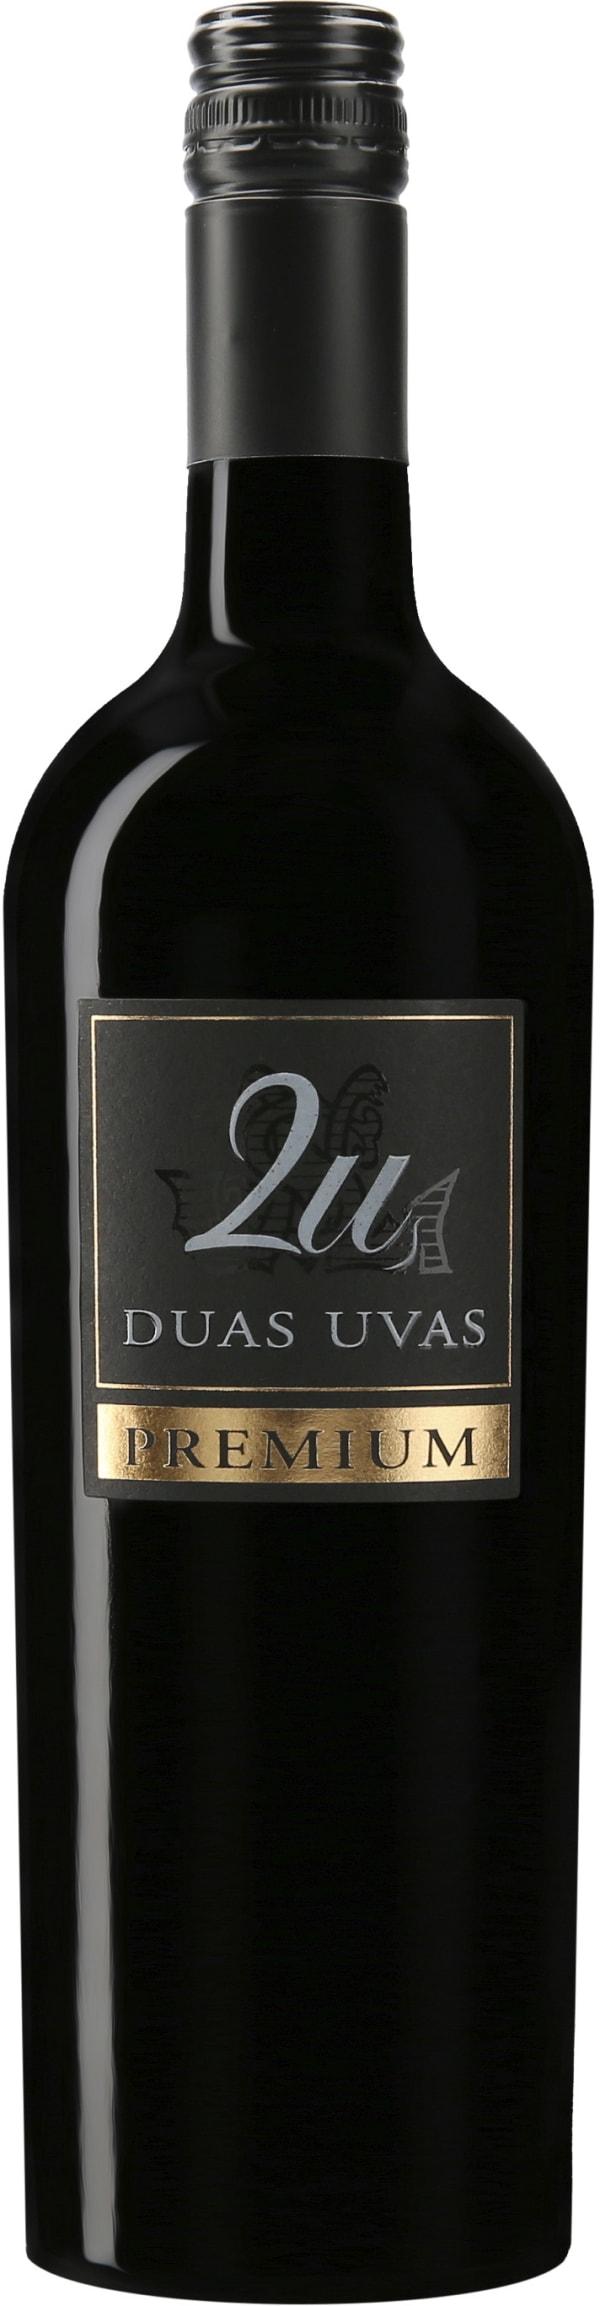 2U Duas Uvas Premium 2017